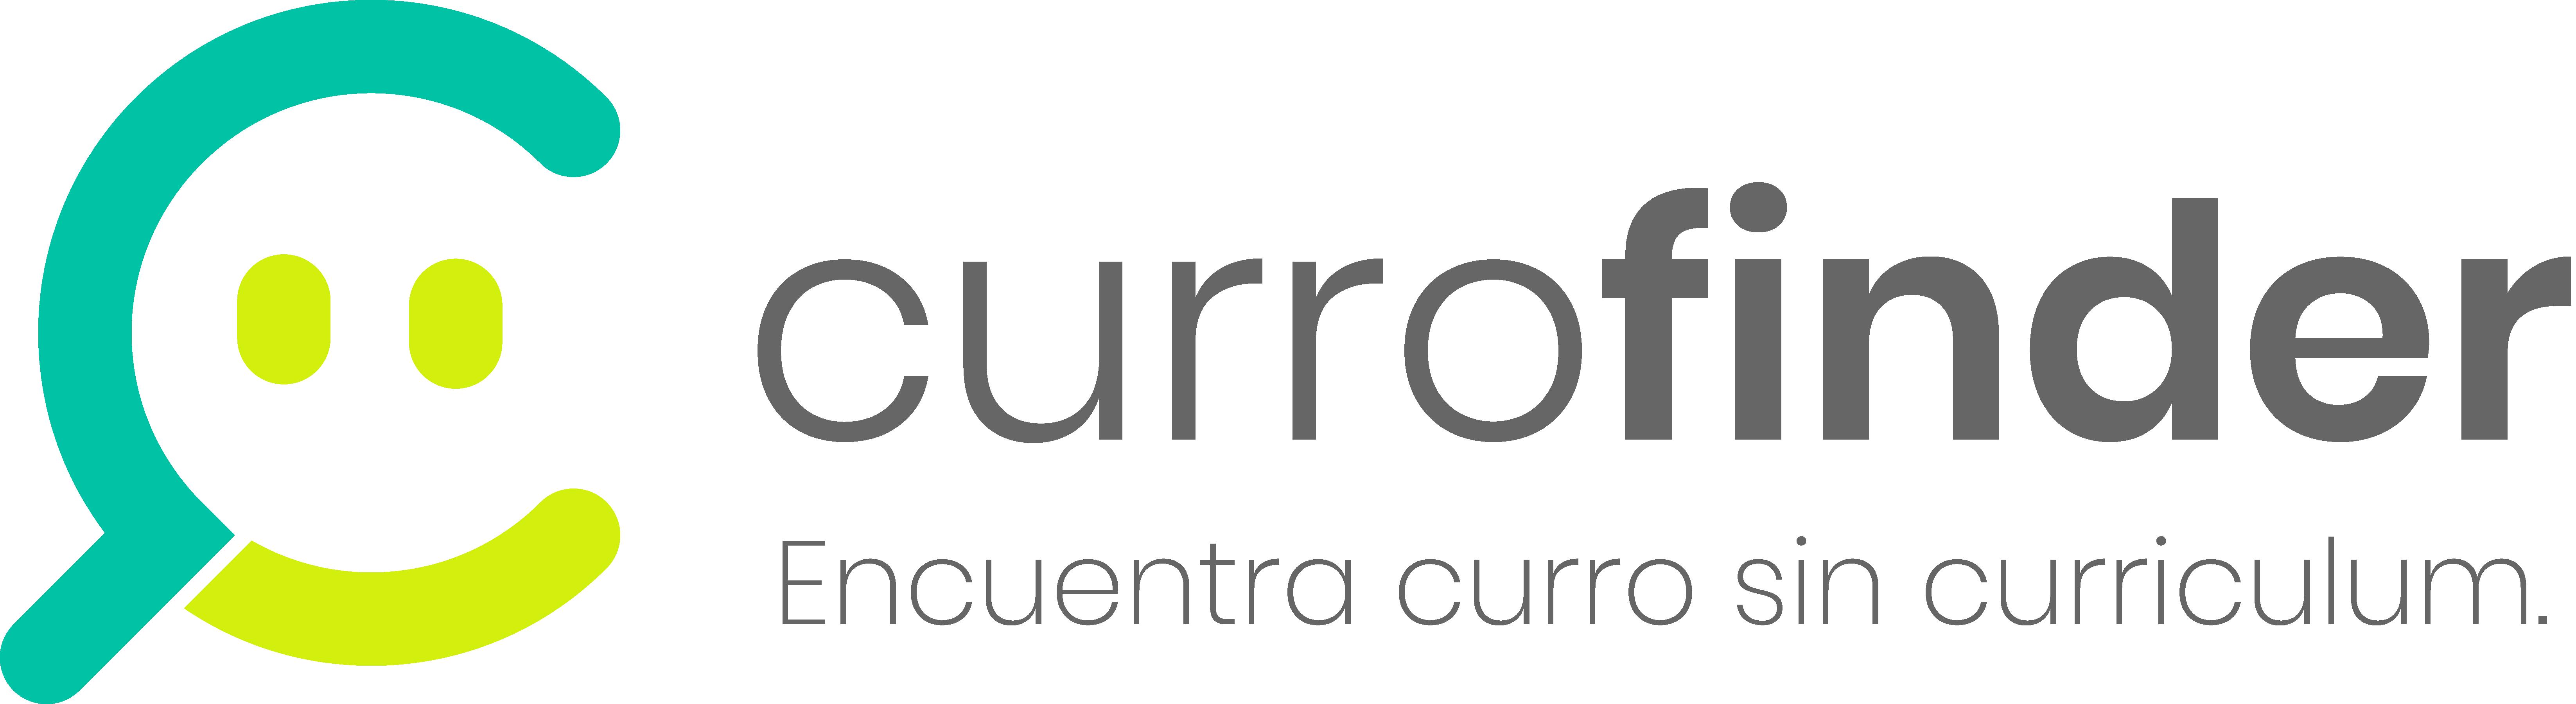 Currofinder